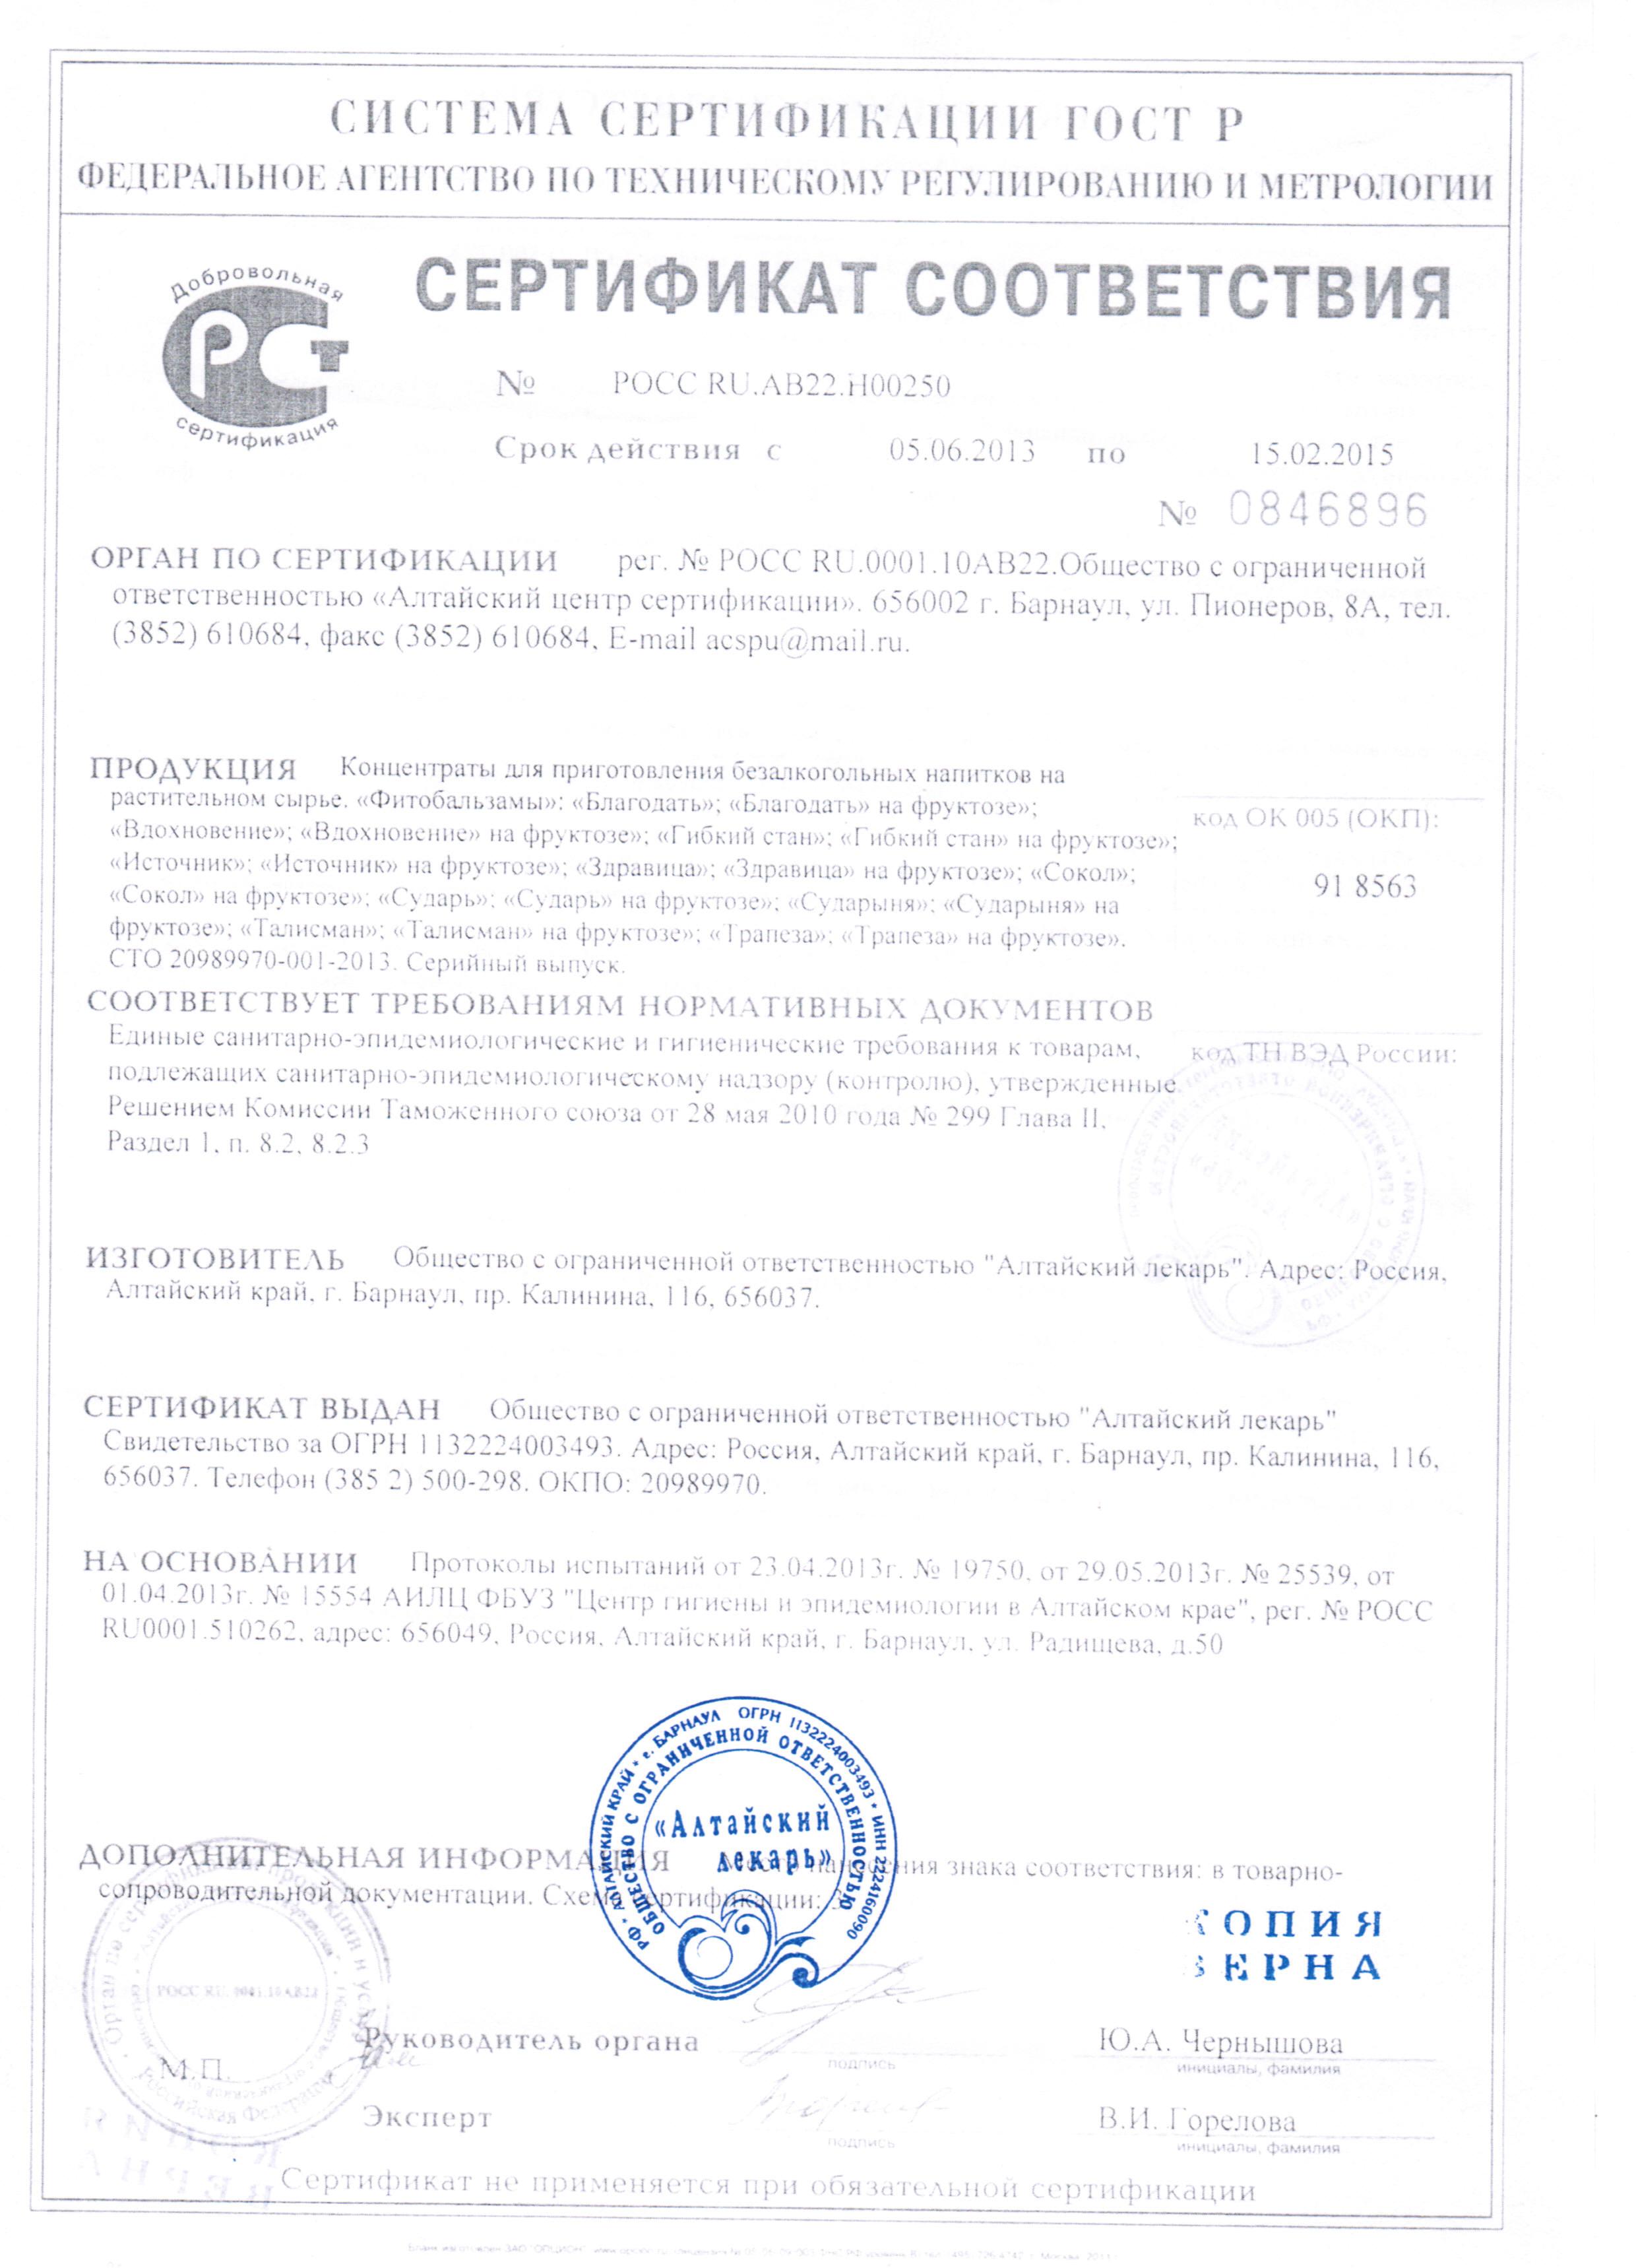 Алтайcкий Лекарь - сертификат соответствия продукции